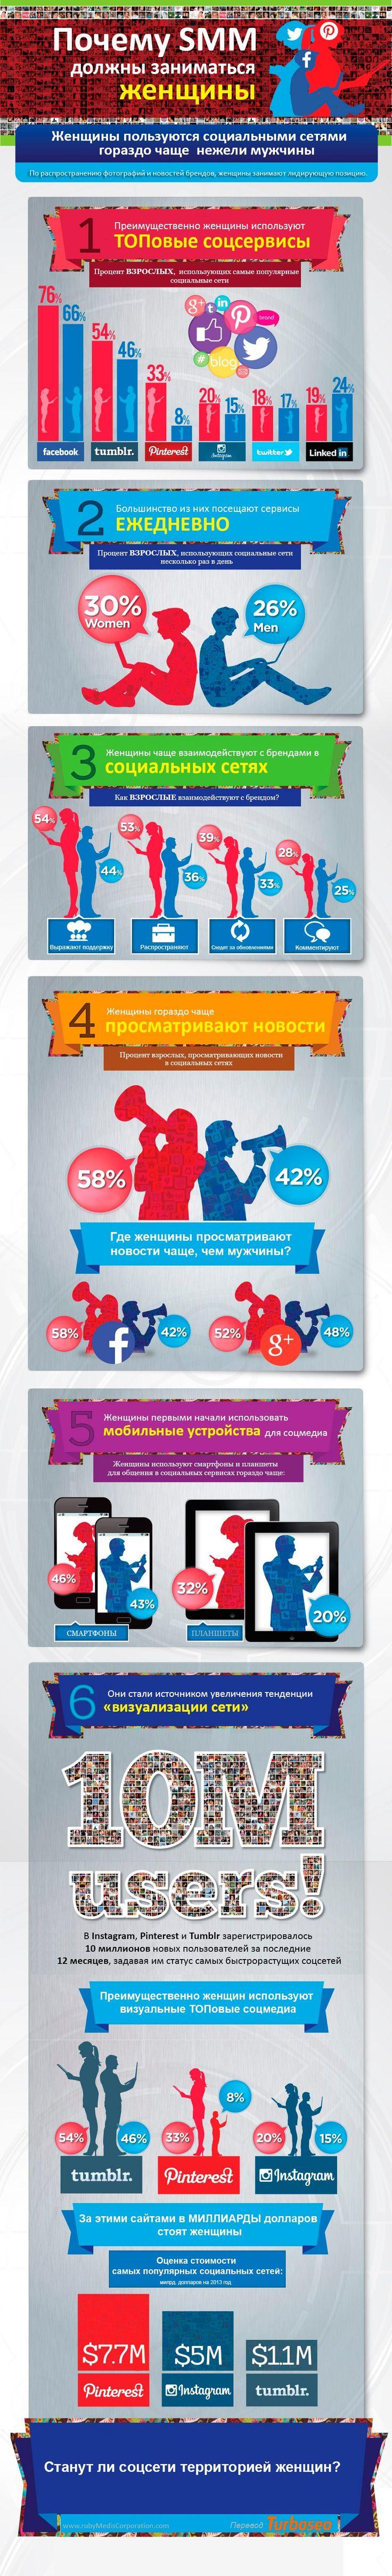 Почему #SMM должны заниматься женщины?